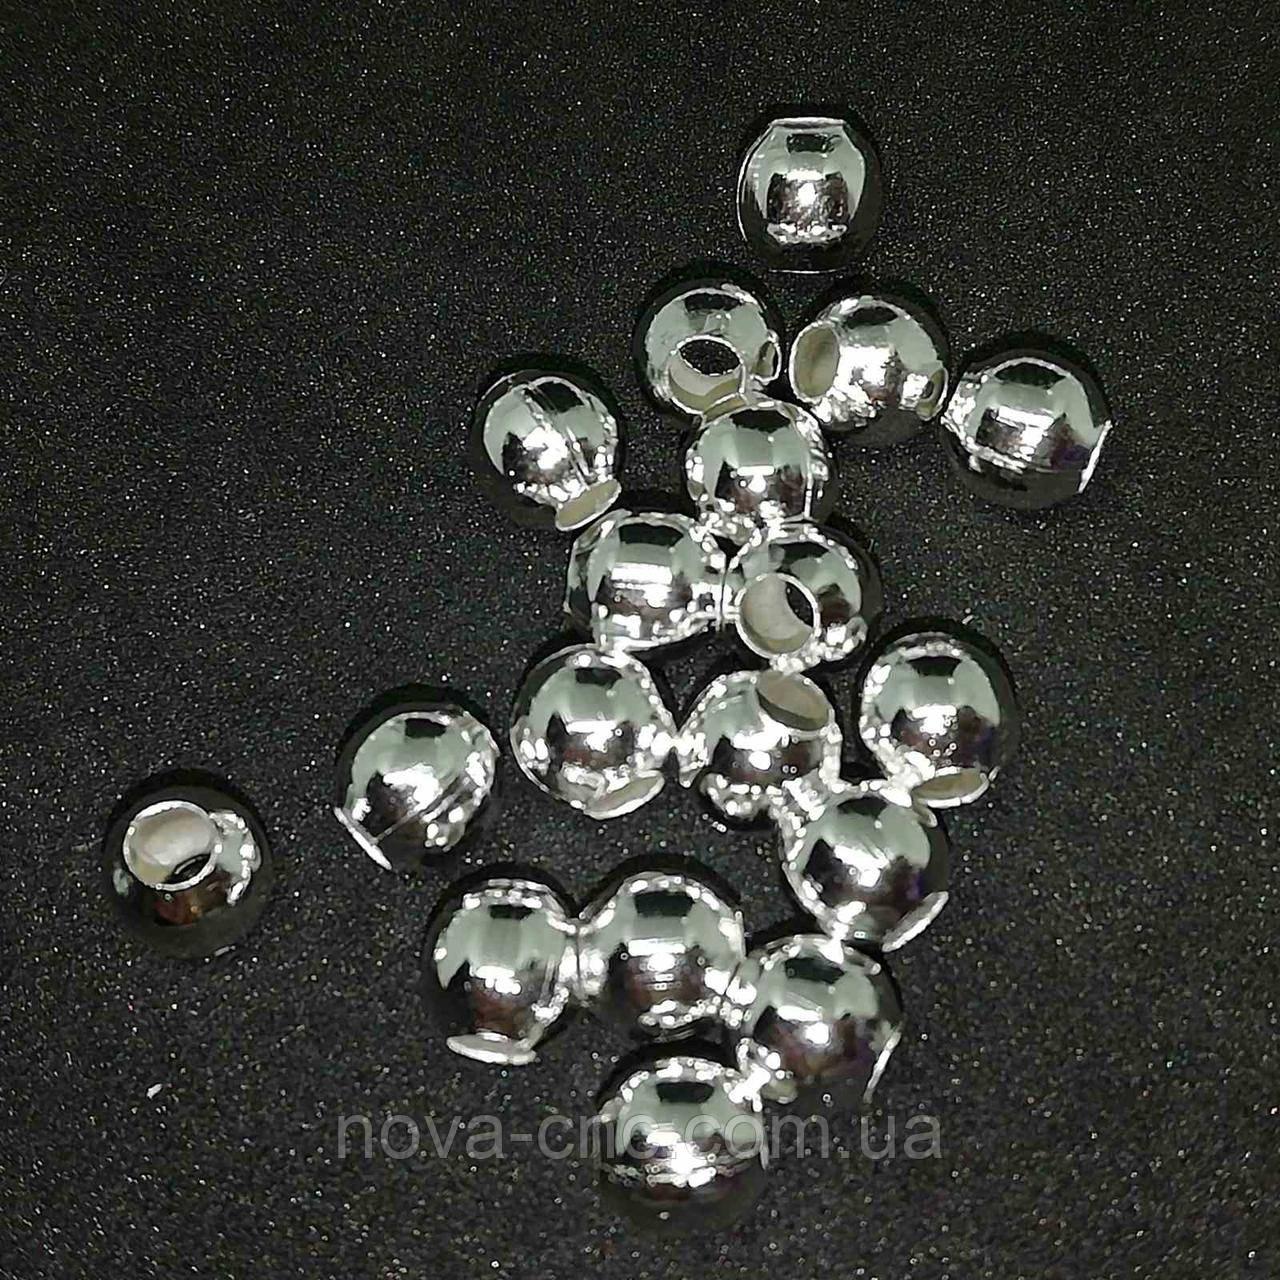 Бусины  металл  серебро 6 мм 180 шт